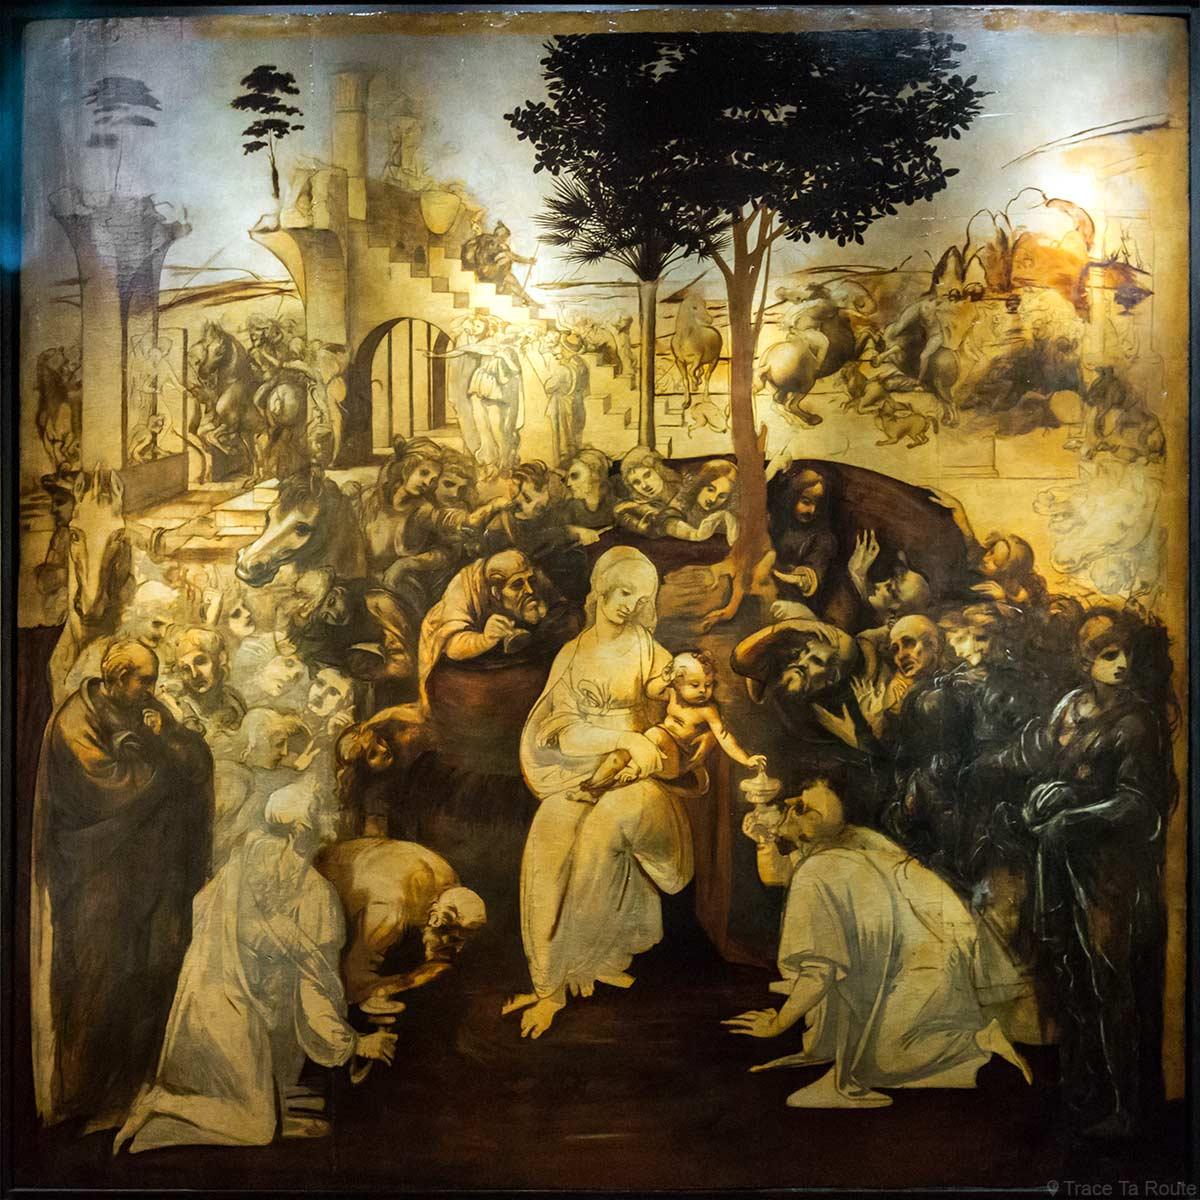 """Cardboard restaurado de """"Adoração dos Magos"""" (1481) Leonardo da Vinci - Museu da Galeria de Escritórios de Florença (Galeria Uffizi em Florença)"""